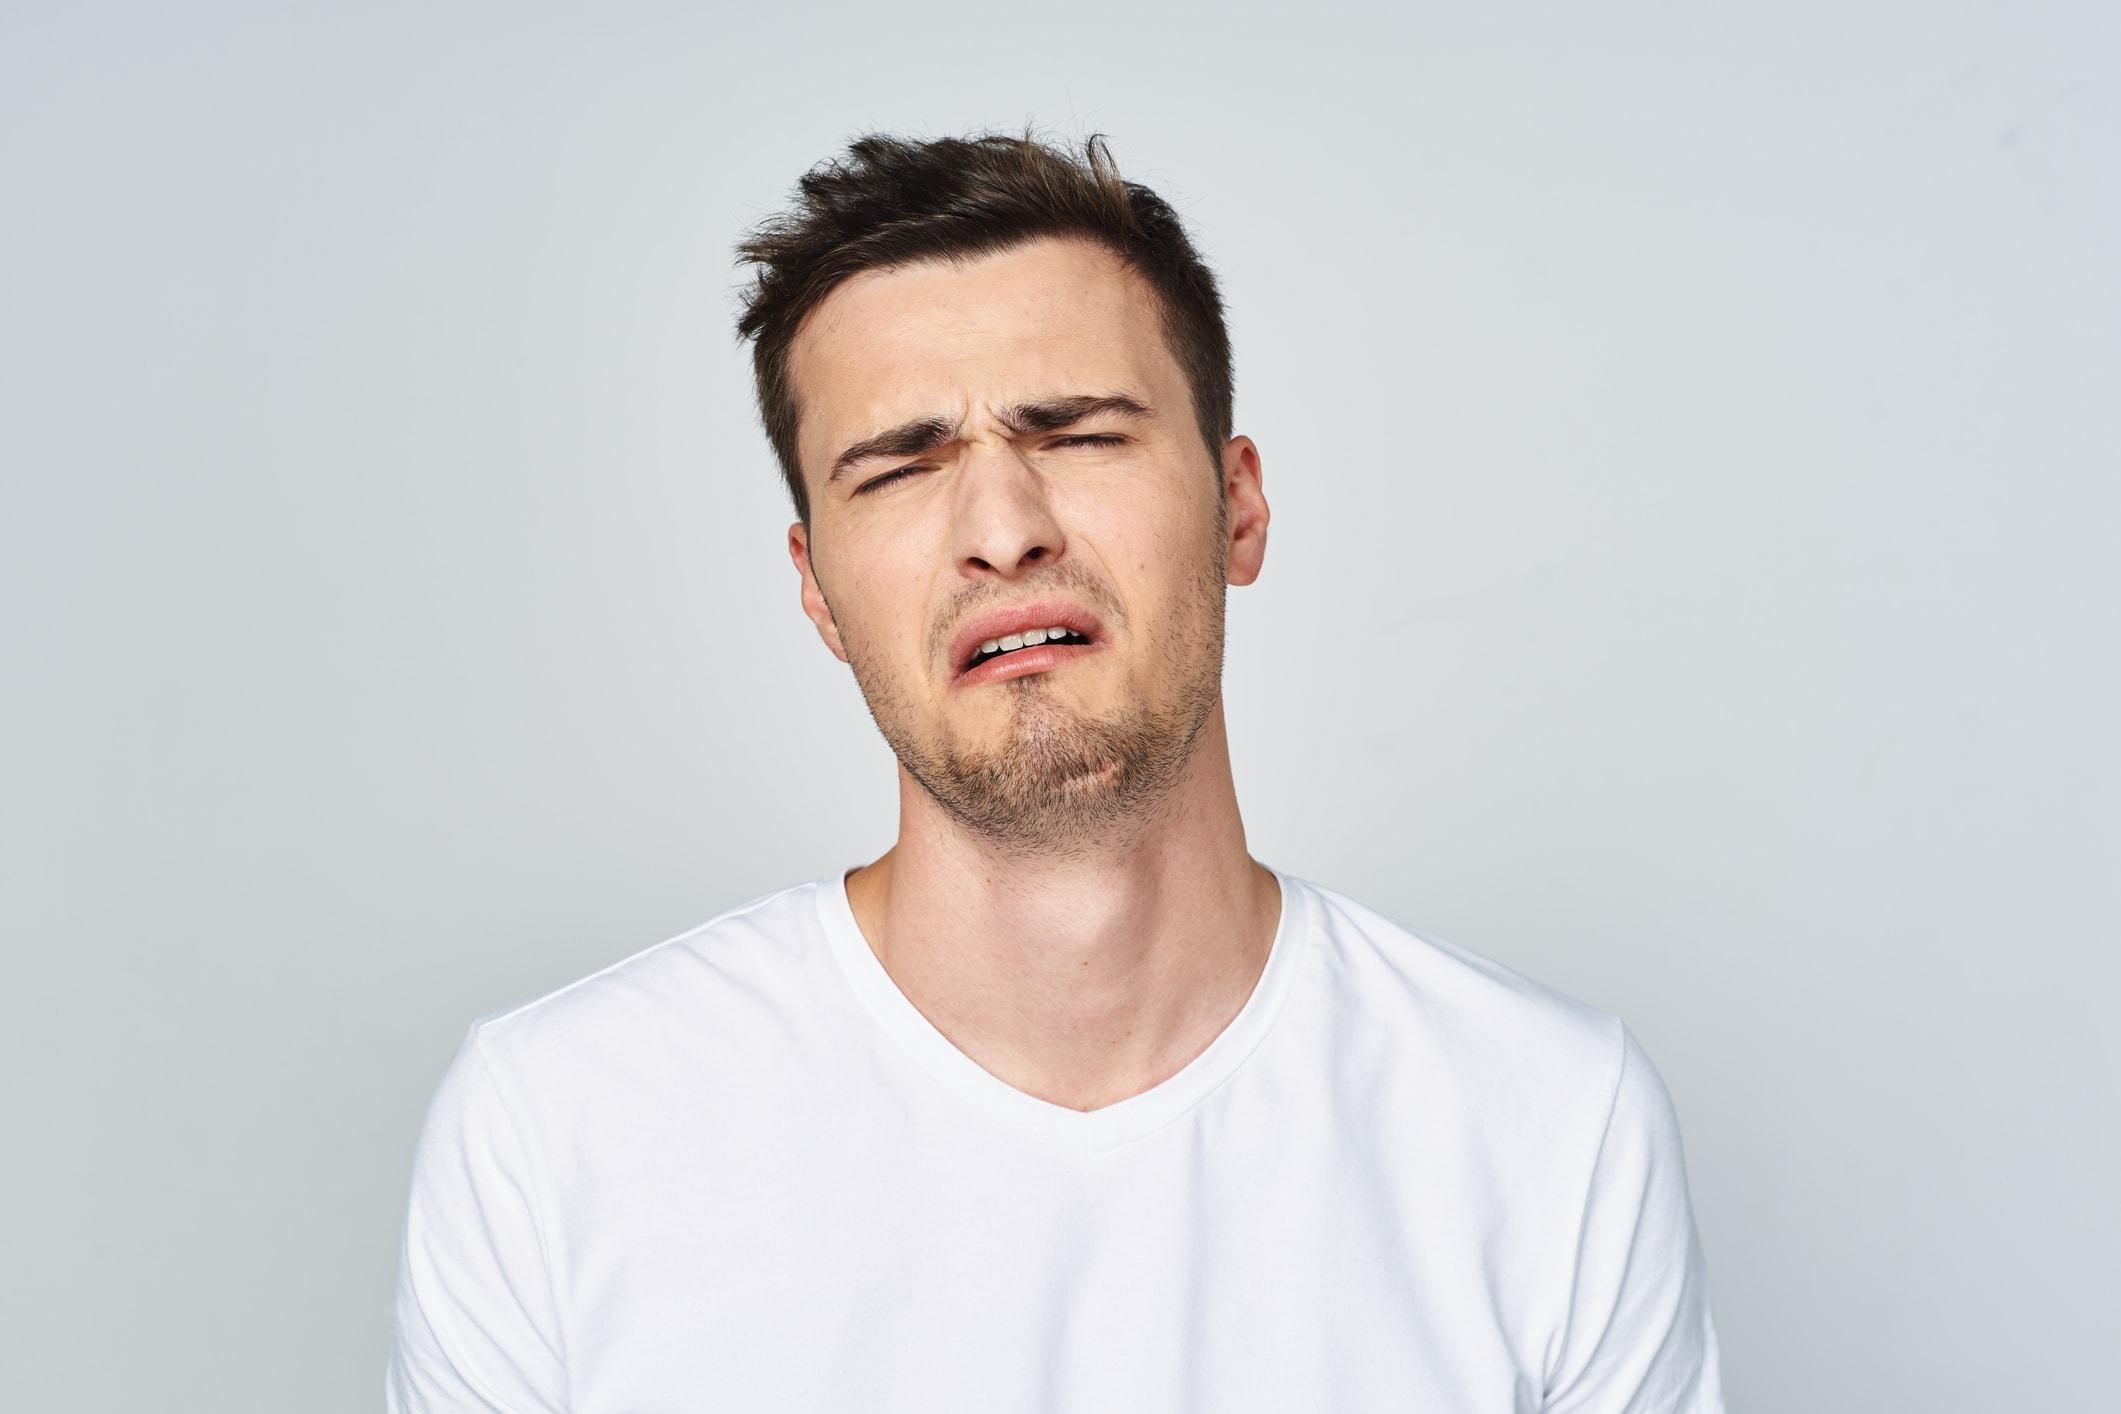 Homem com expressão de choro.